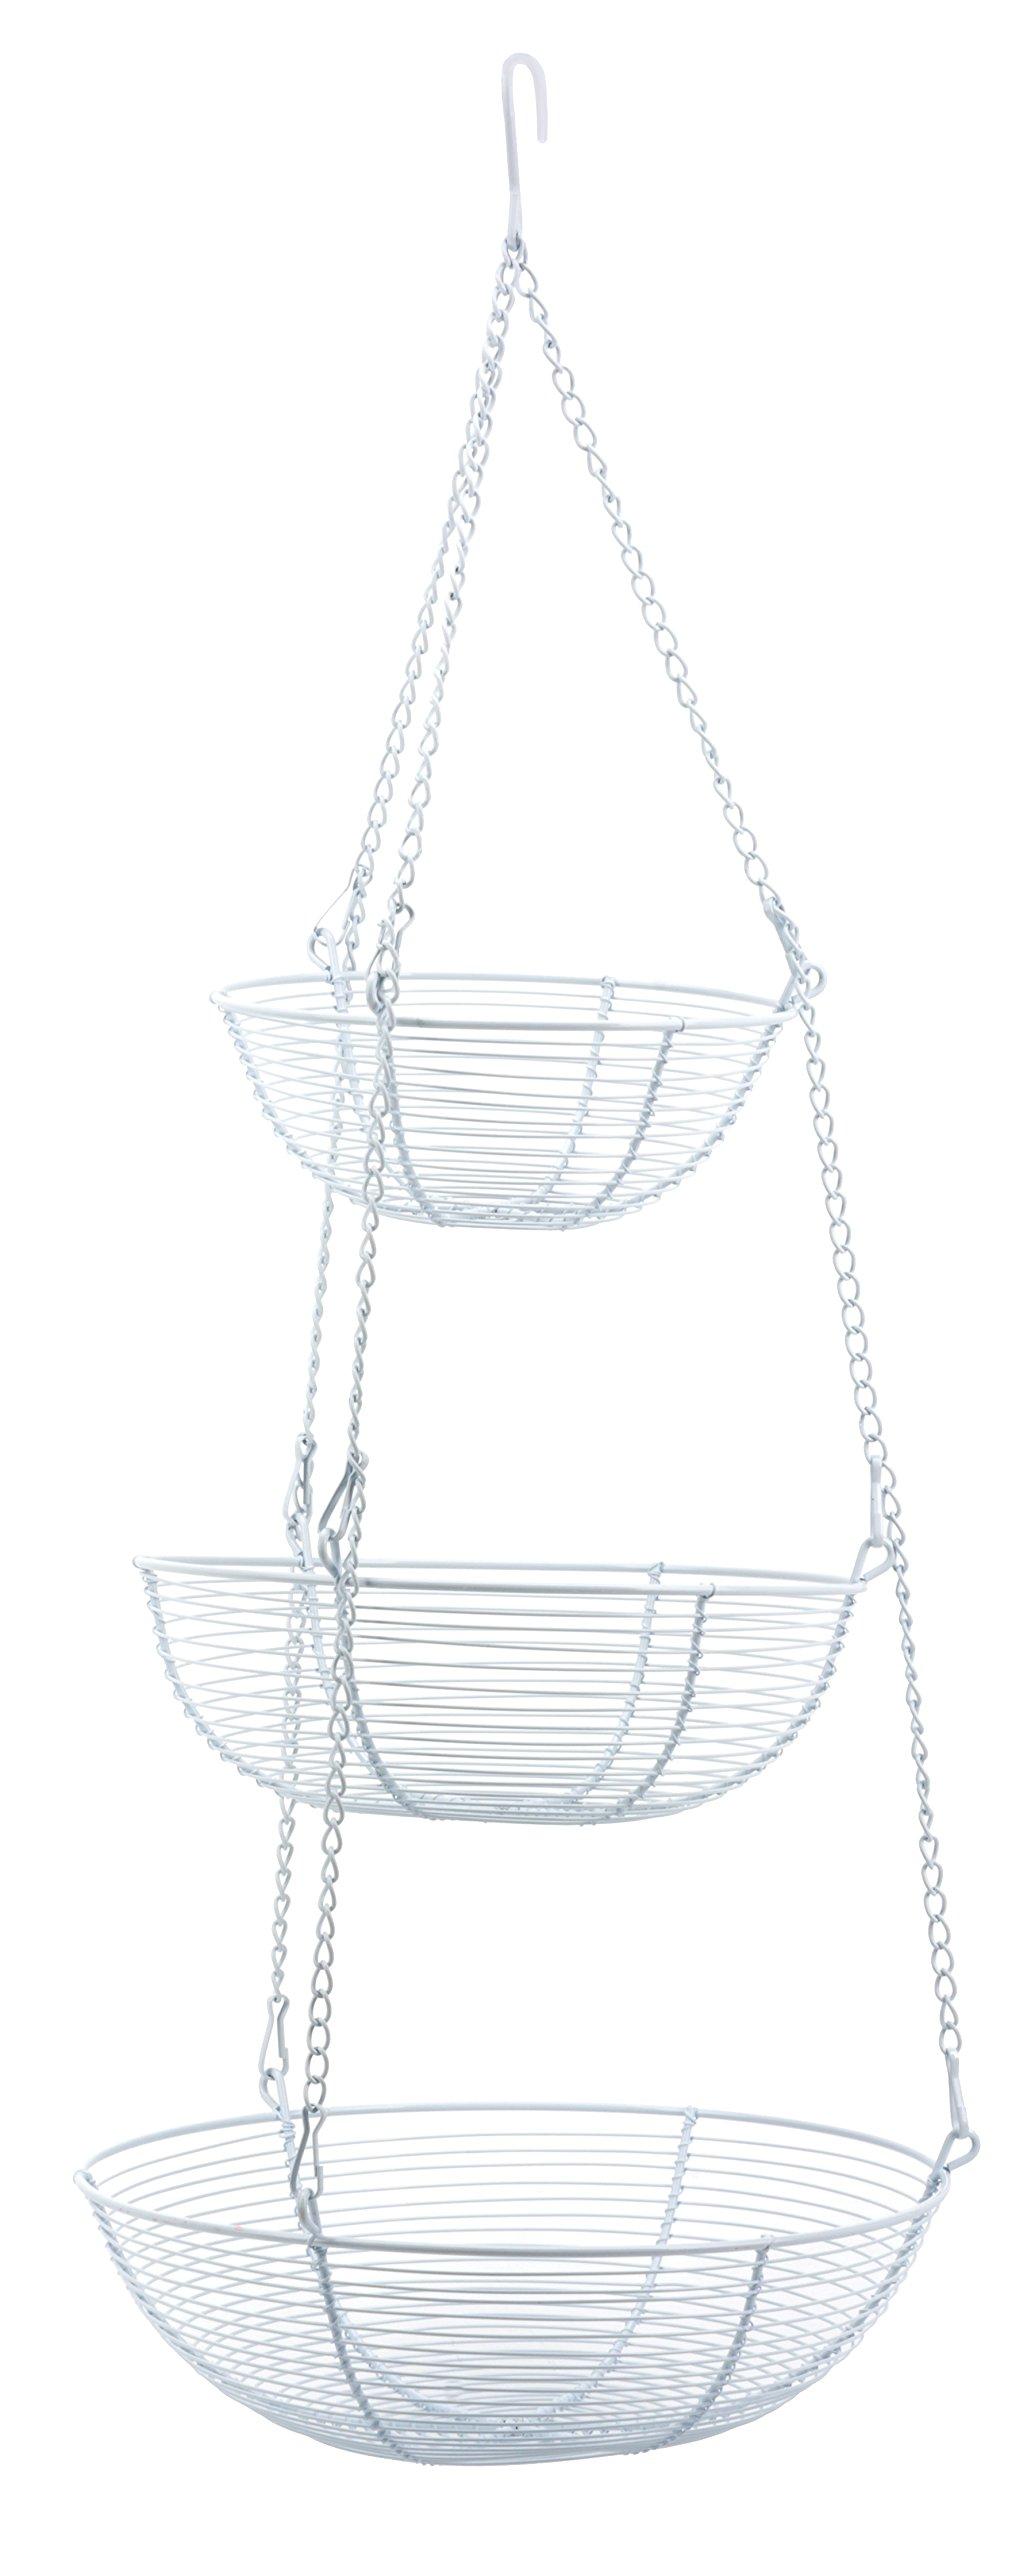 RSVP 3-Tier Hanging Wire Basket, White